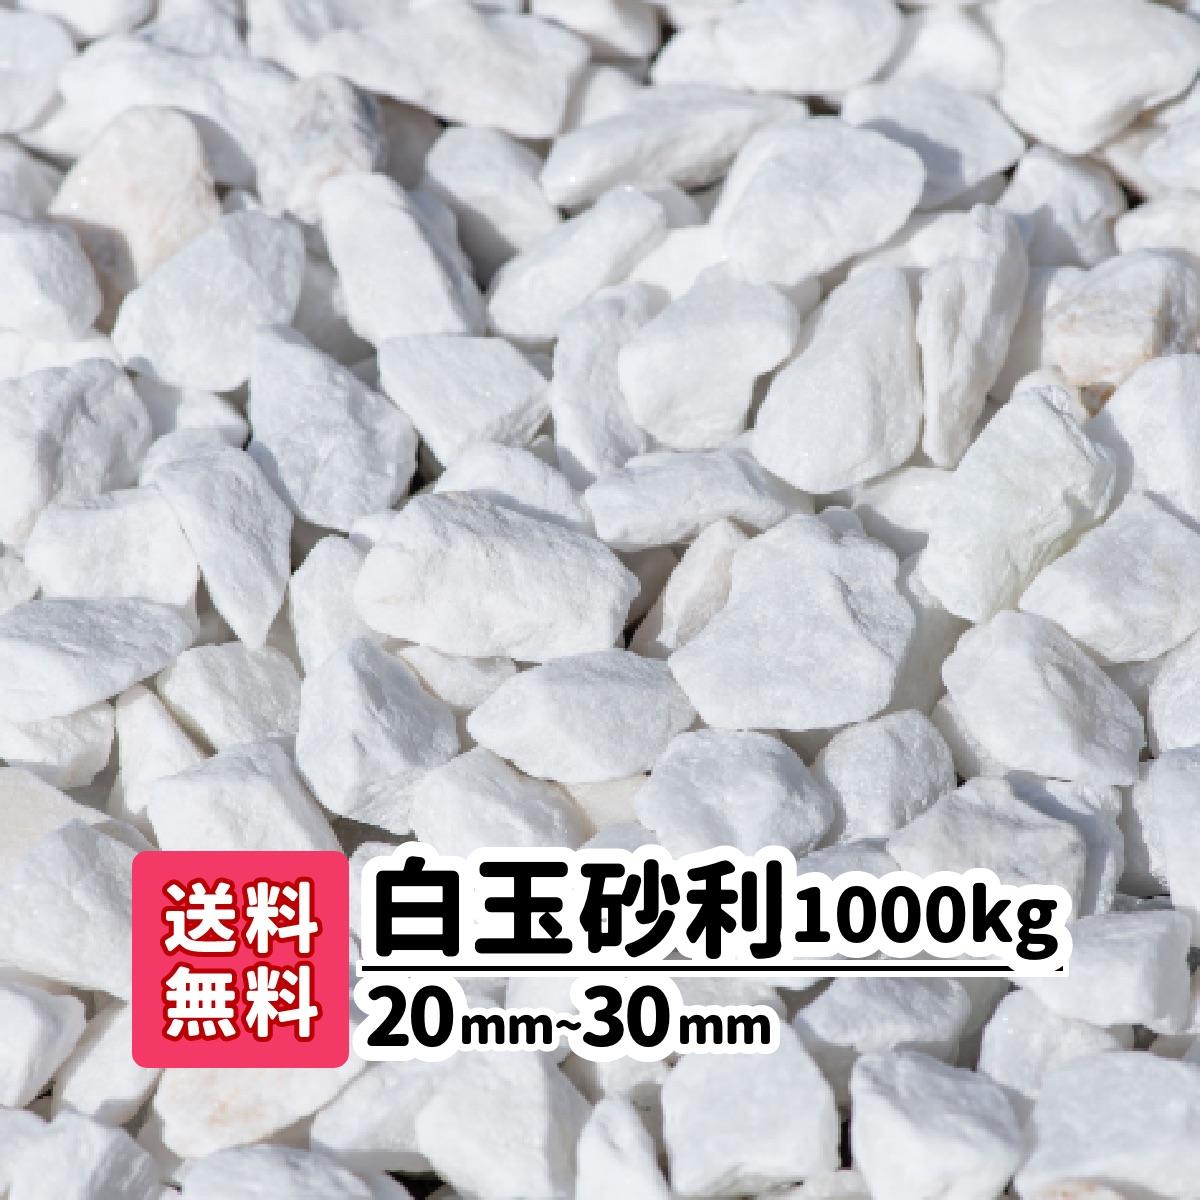 【送料無料】1000kg 白玉砂利 20mm~30mm(20kg×50)砂利 庭 アプローチ 防犯砂利 玉石 おしゃれ ガーデニング 白 白い石 白い砂利 綺麗な砂利 石